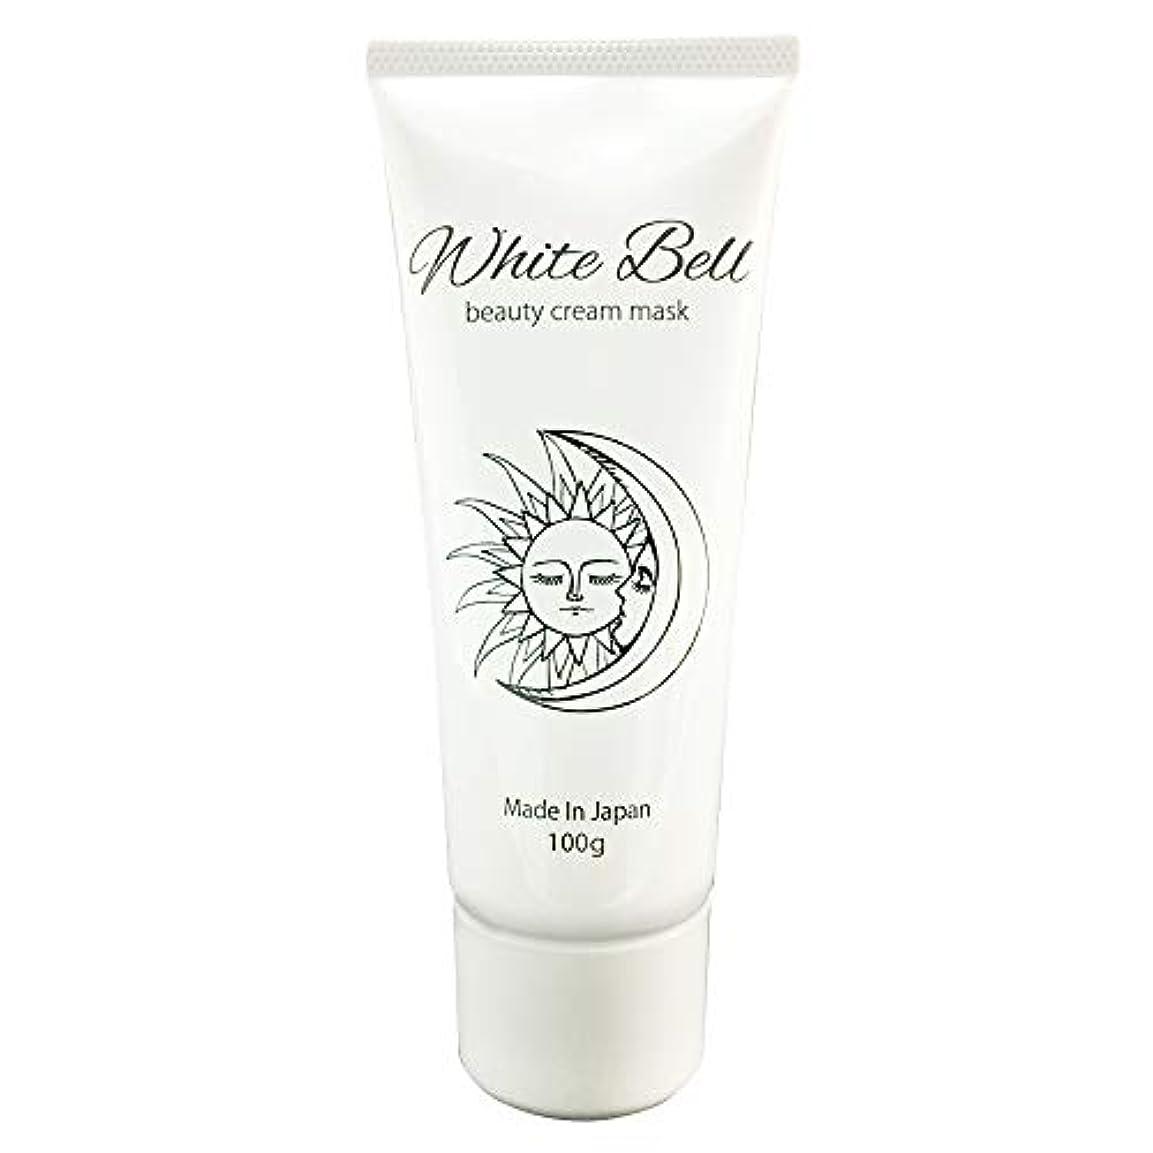 マウントバンク習字パットホワイトベル ビューティークリームマスク White-Bell beauty cream mask ナイトクリーム オールインワン